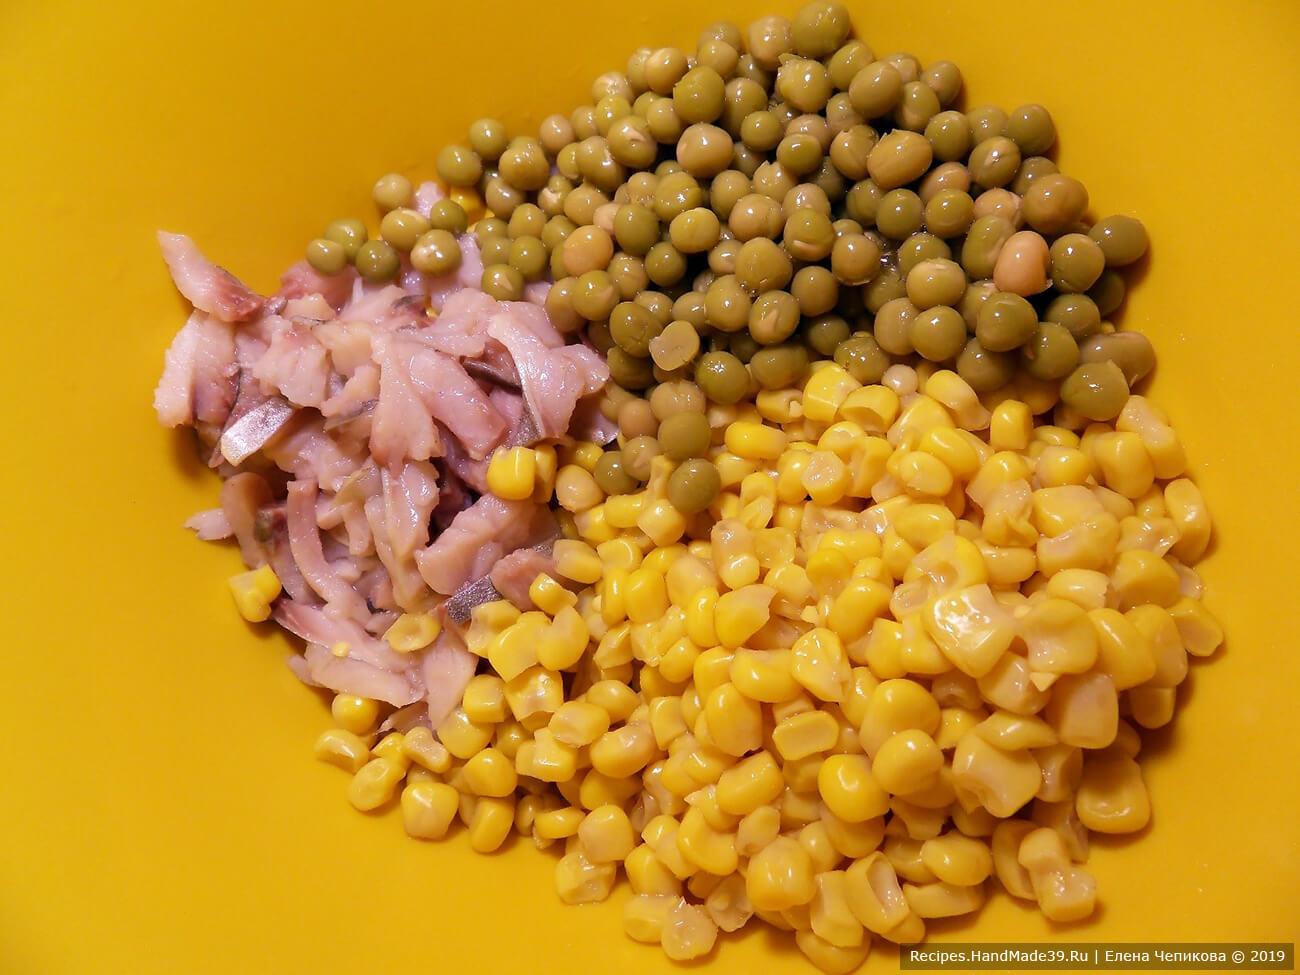 Филе солёной сельди нарезать тонкими полосками. Соединить с консервированным зелёным горошком, консервированной кукурузой